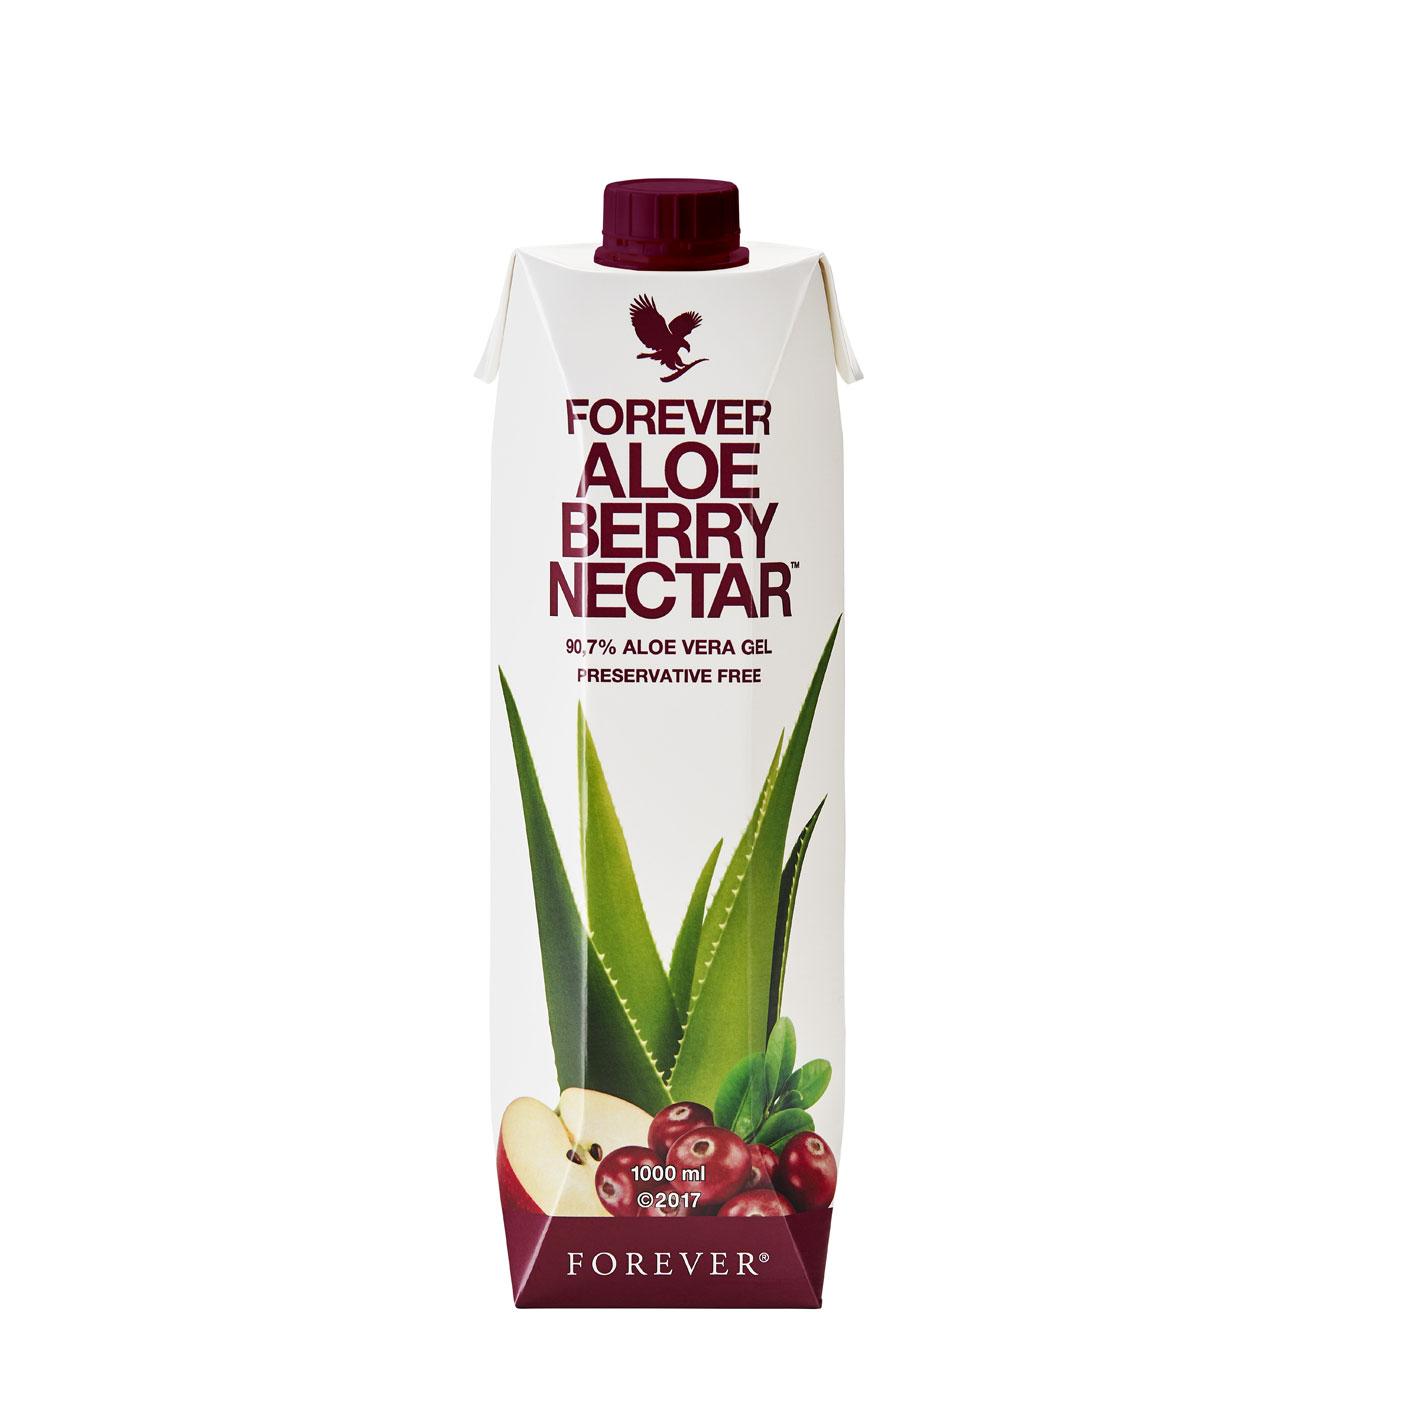 TriPak - Forever Aloe Berry Nectar